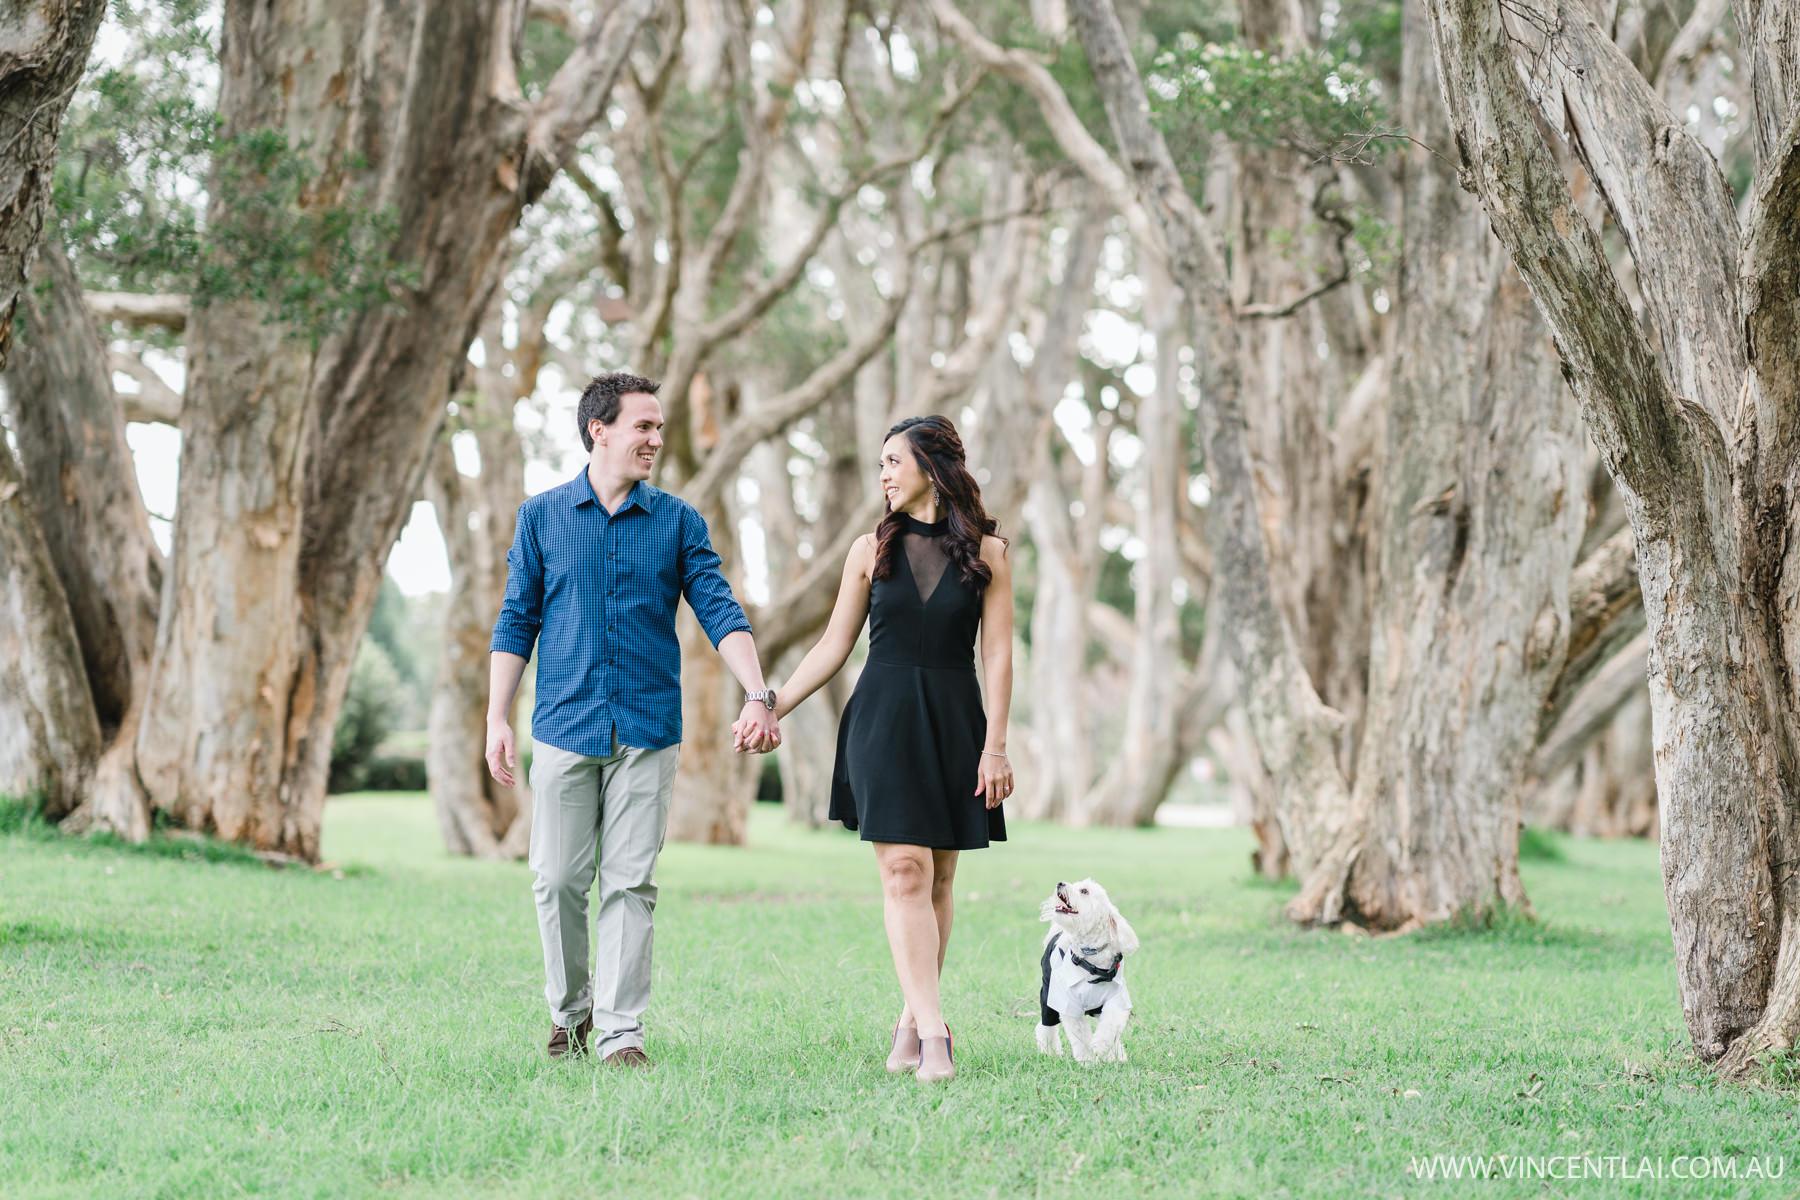 Prewedding Photos at Centennial Park